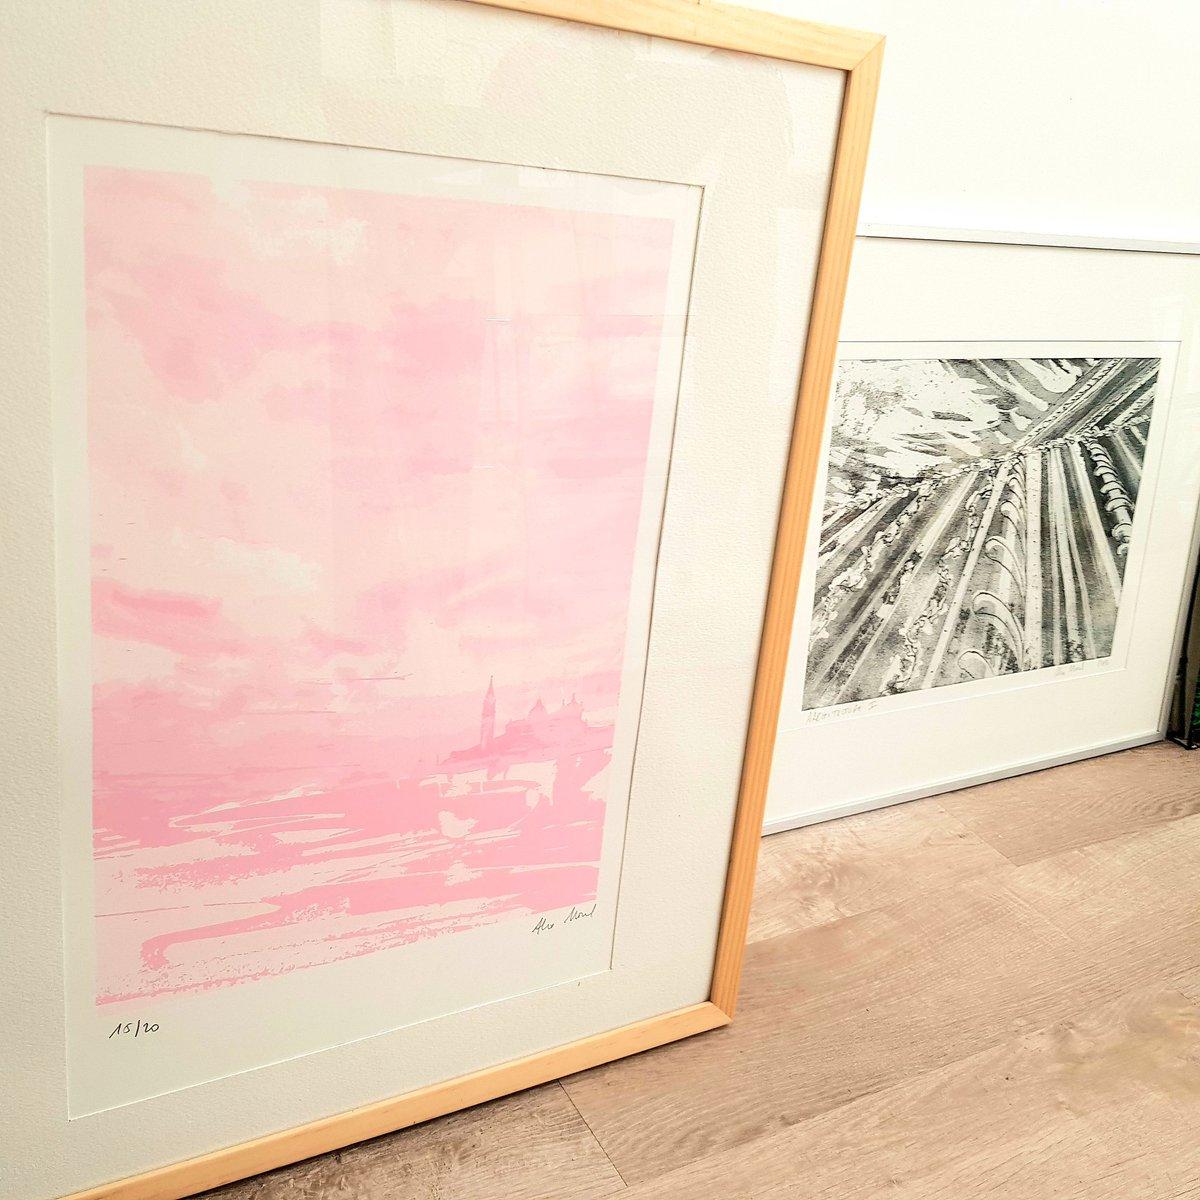 En plein accrochage pour ma prochaine exposition !🖼🔧🏷  #estampe #exhibition #eauforte #exposition #printmaking #litografia #monotype #serigraphie #venice  #mostra #serigrafia https://t.co/BxCRlsTNpx